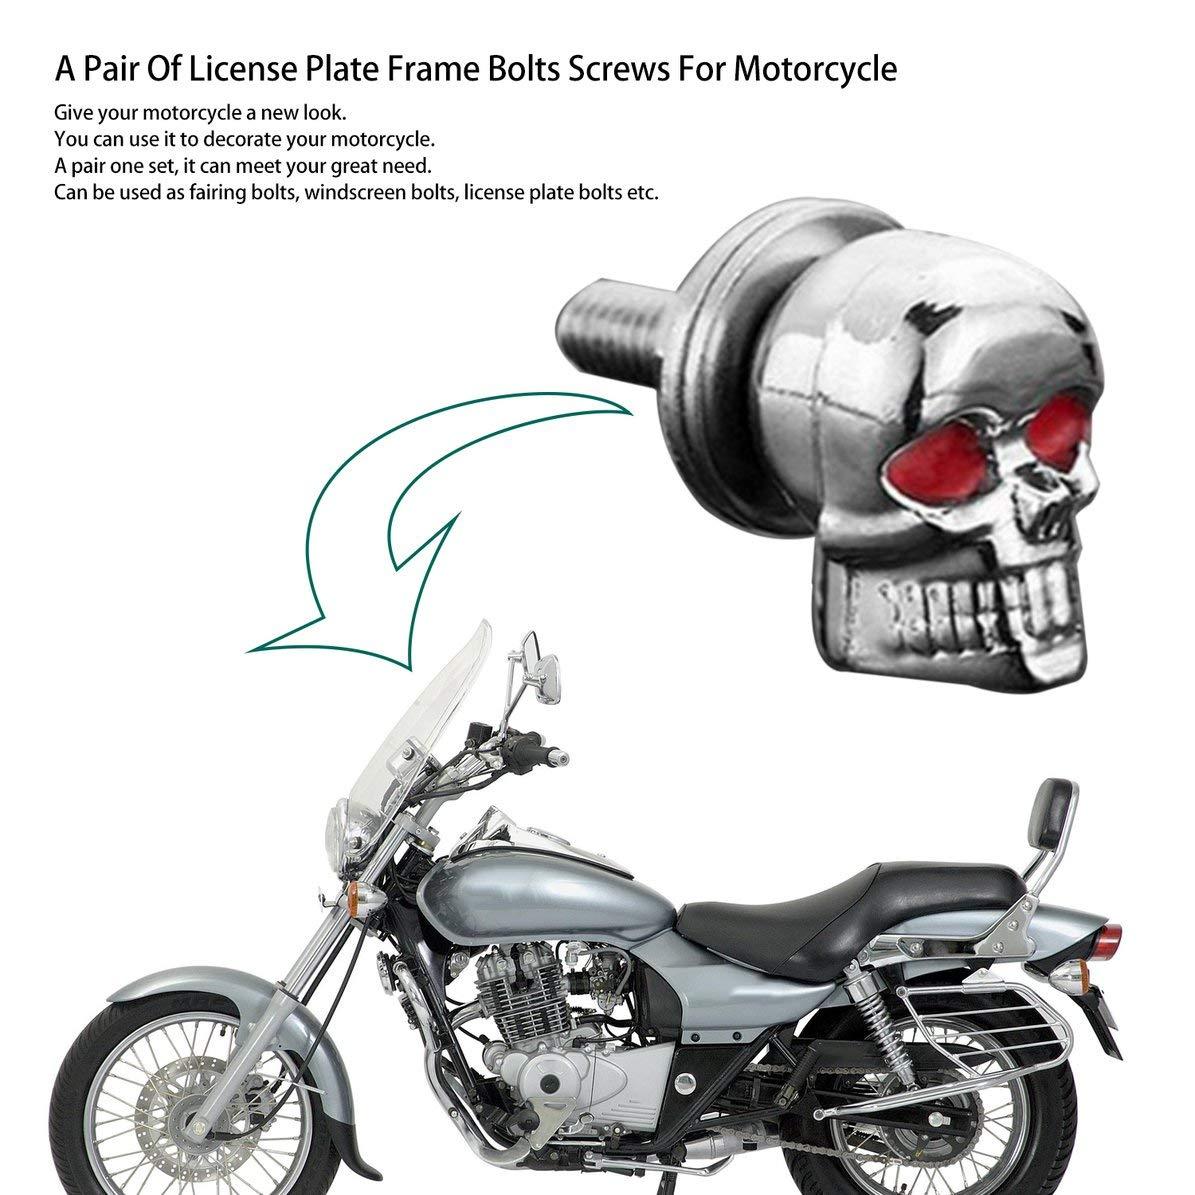 Ein Paar//Satz Motorrad Autozubeh/ör Sch/ädel Nummernschild Rahmen Schrauben Schraube